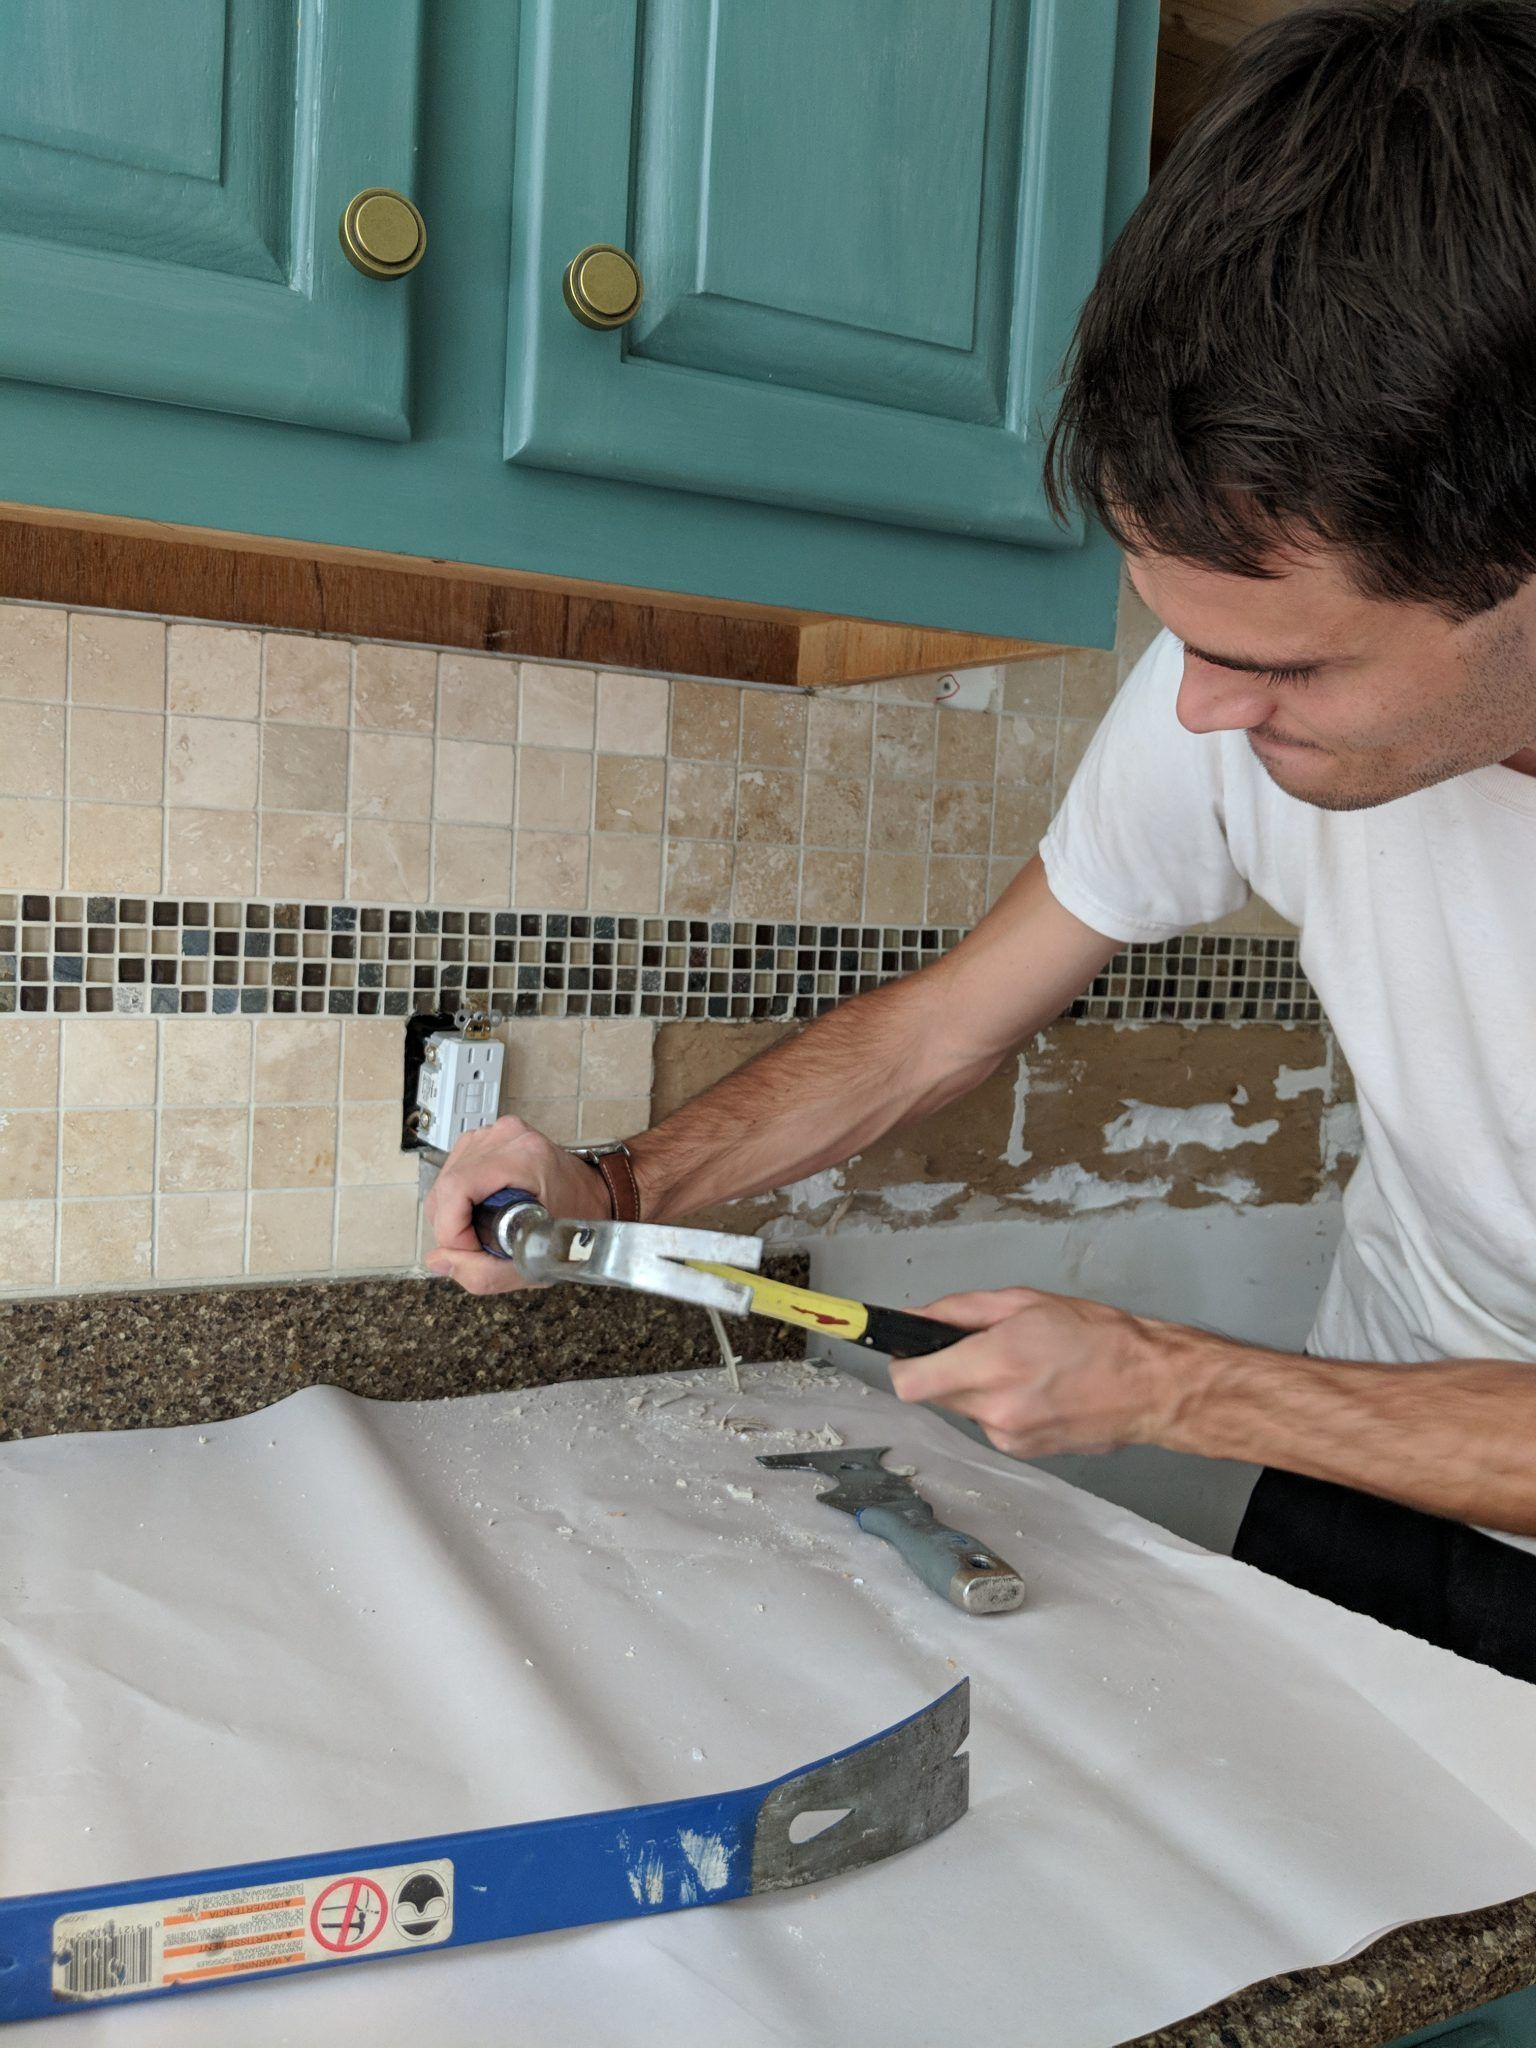 - Removing A Tiled Backsplash + Prepping Walls For New Tiles